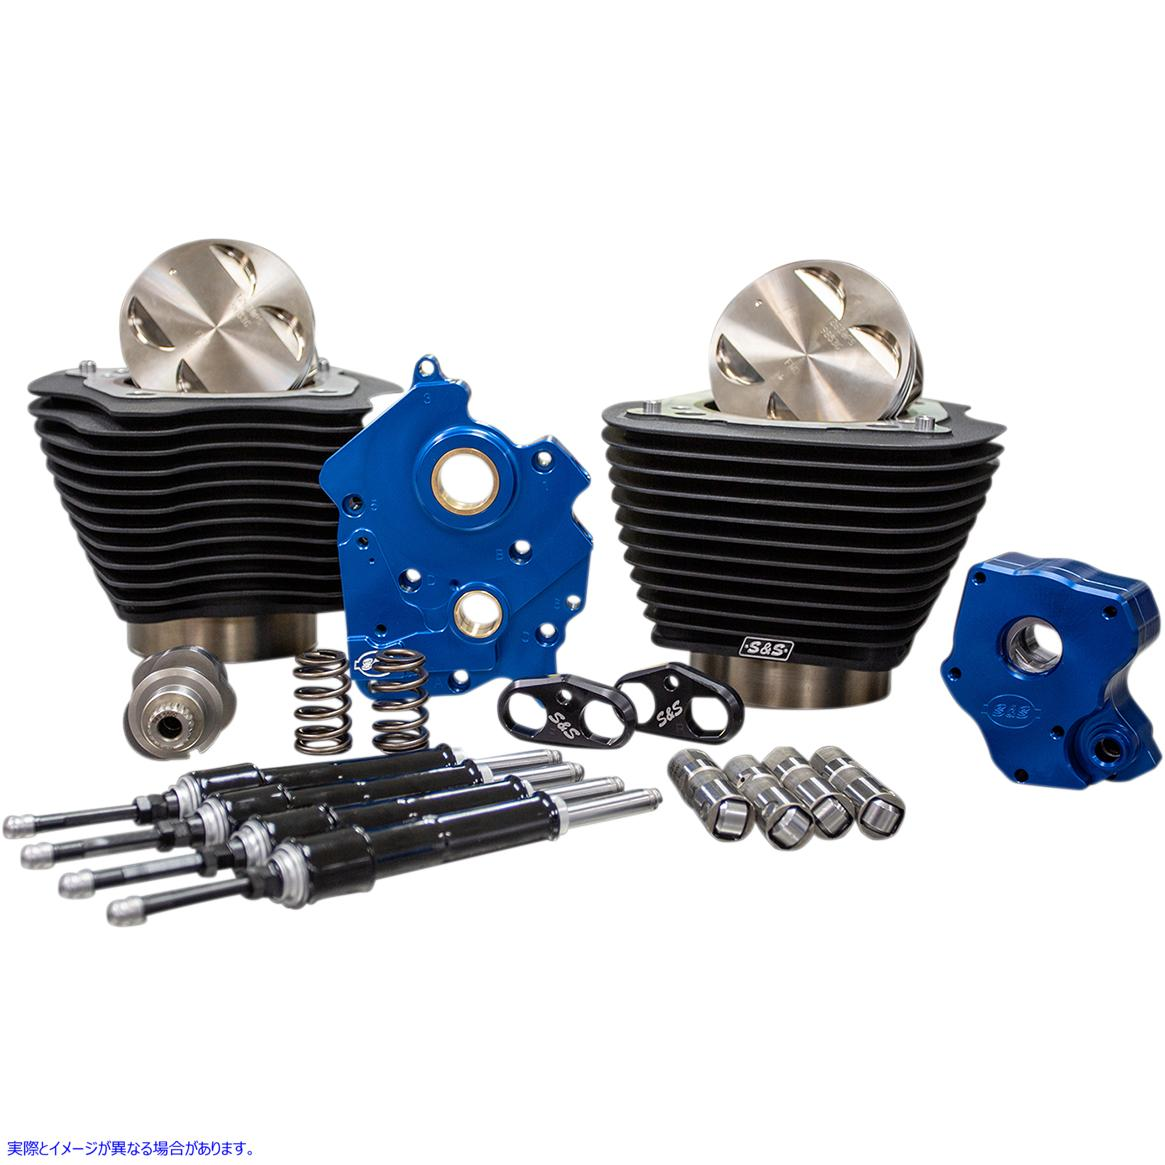 【取寄せ】 エスアンドエス サイクル 310-1057 S&S CYCLE POWER PK OC CD NO-HL M8 09040041 ( 0904-0041 ドラッグスペシャリティーズ DRA